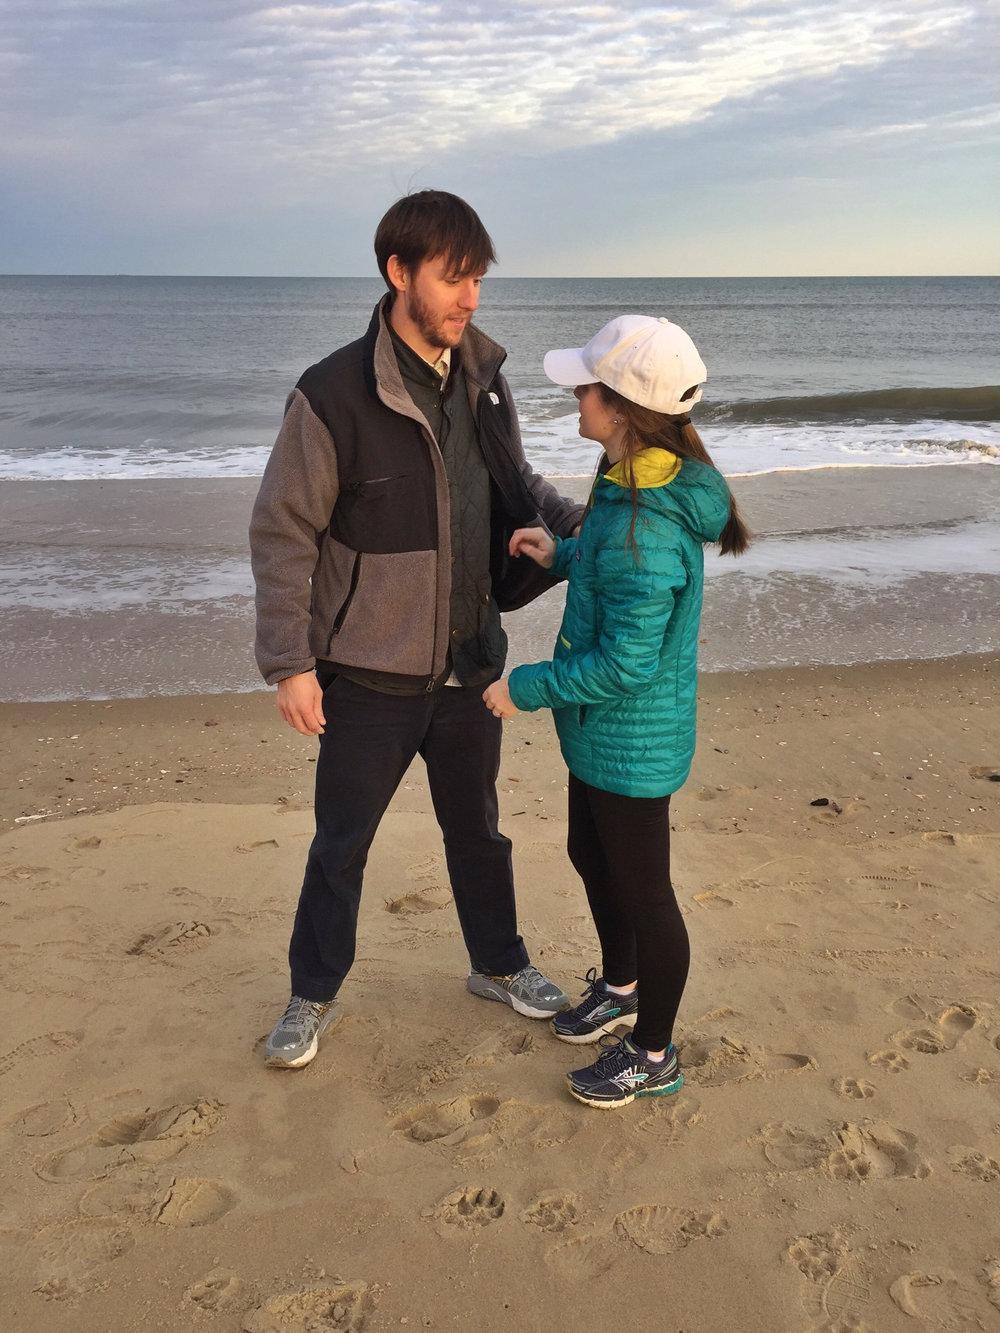 Walk on the beach on NYE weekend